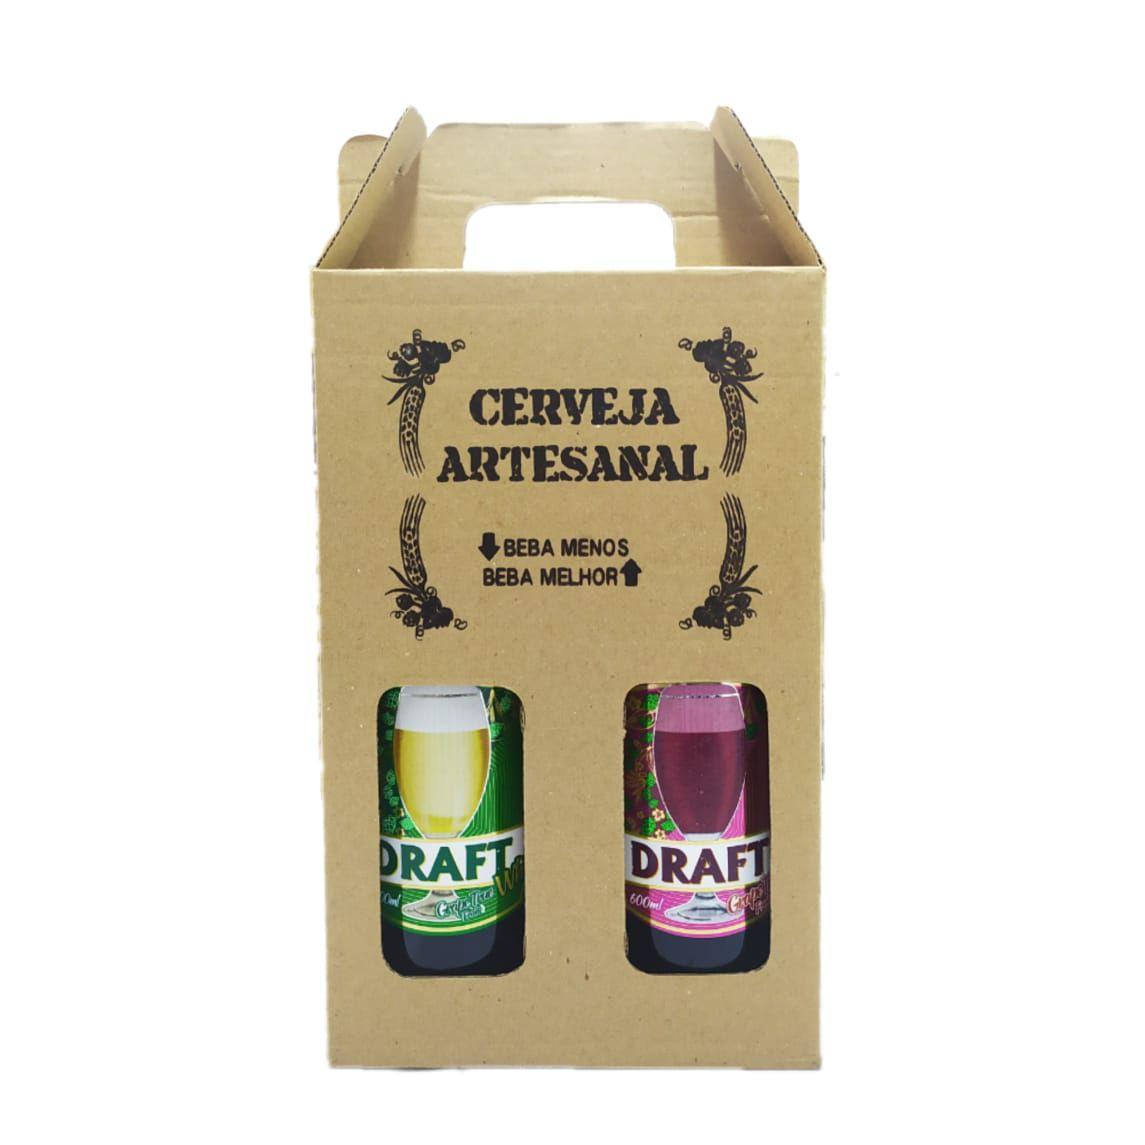 Cerveja Draft Chopp de Vinho Tinto e Branco para presente